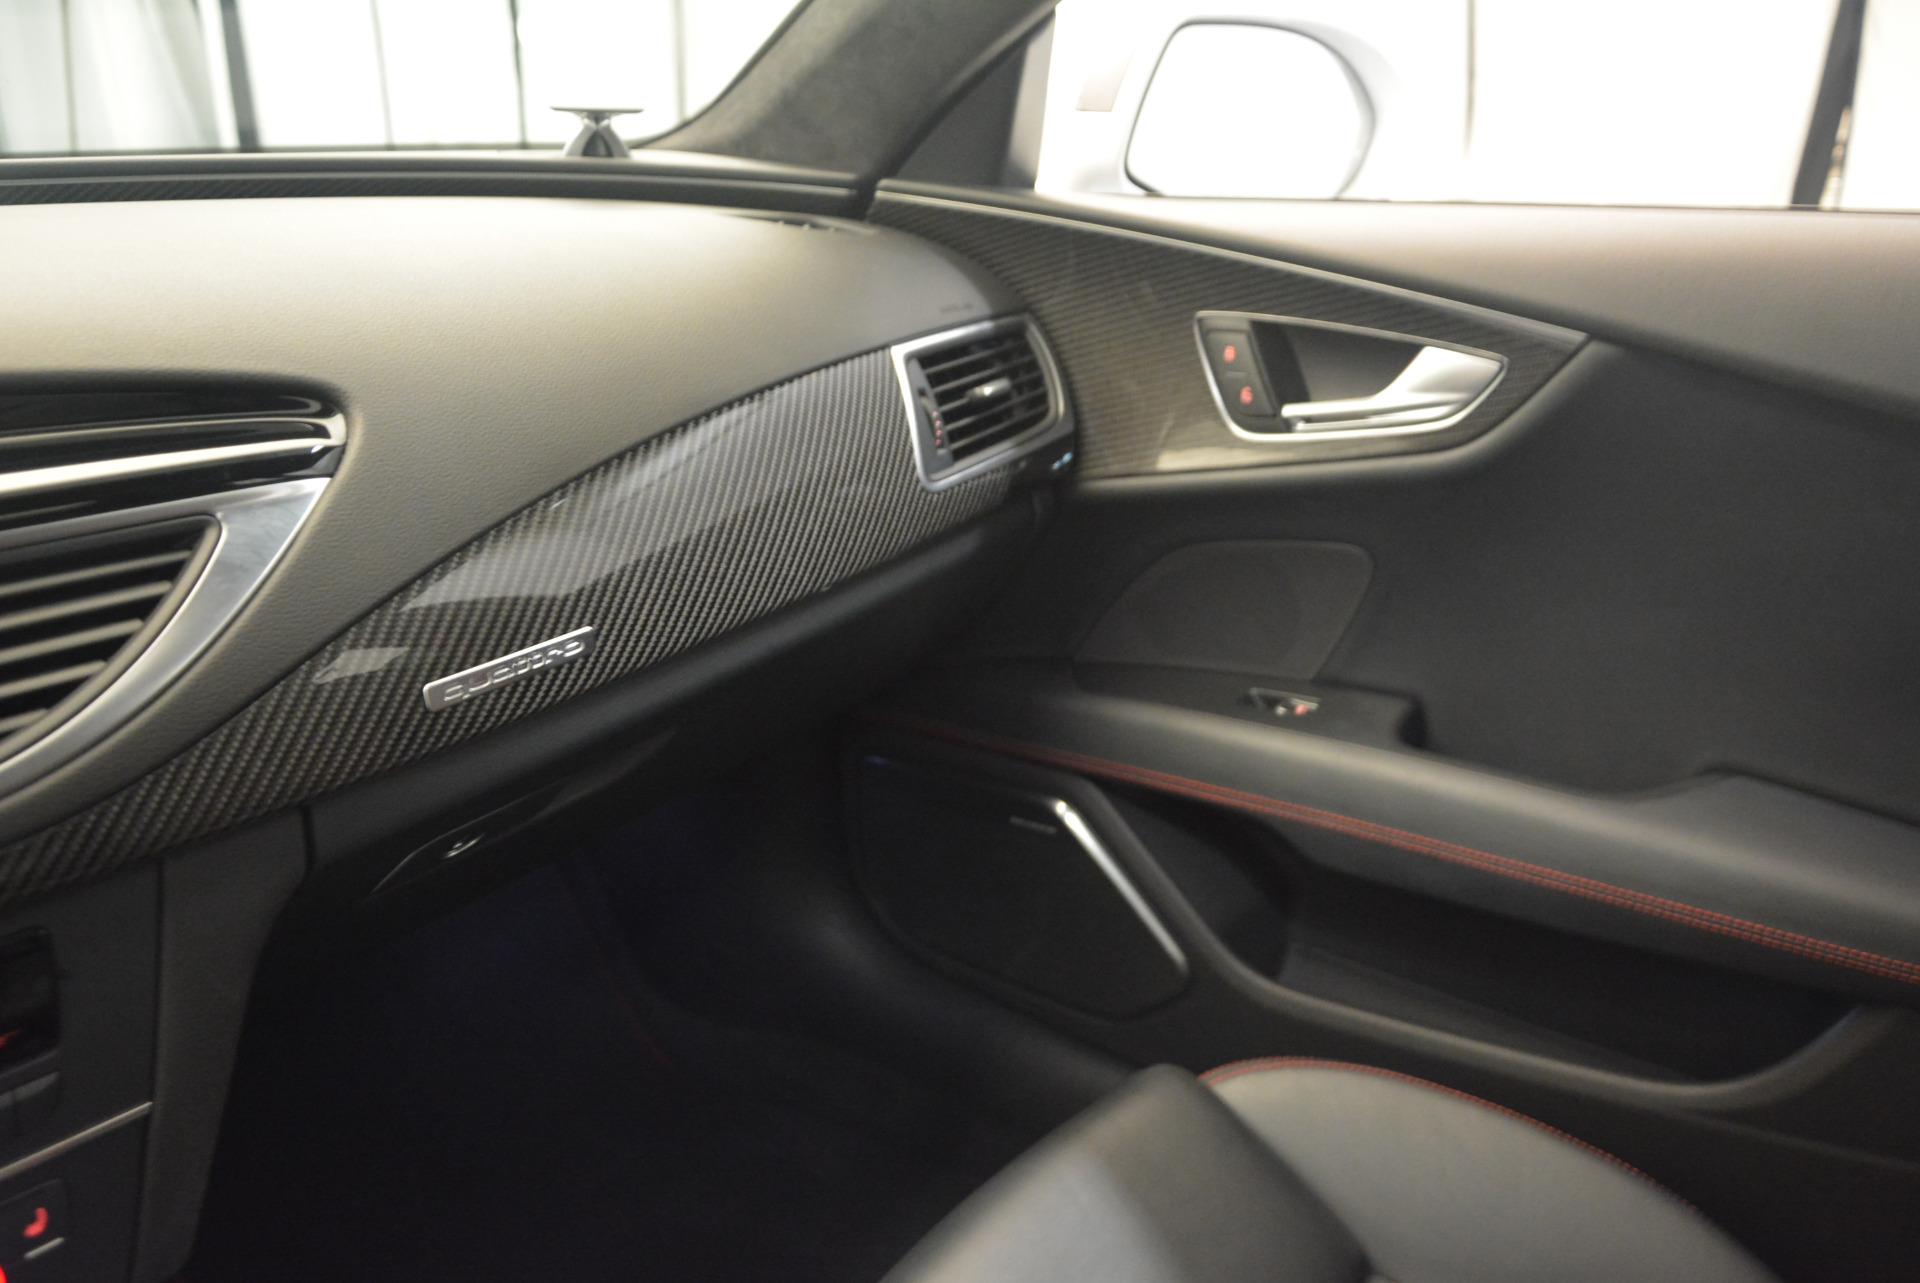 Used 2014 Audi RS 7 4.0T quattro Prestige For Sale In Greenwich, CT 1262_p30